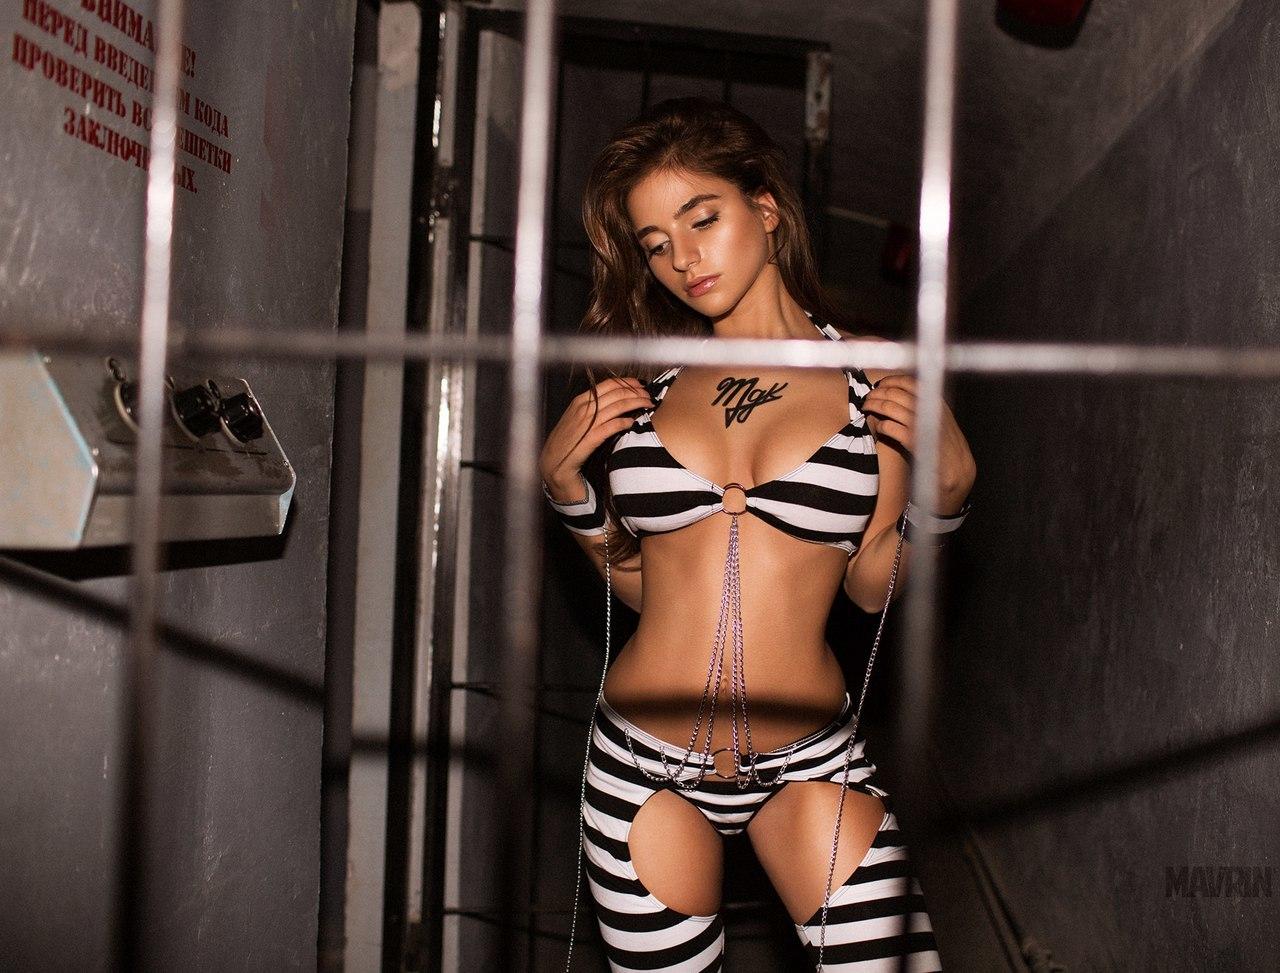 Заключенные мужской колонии научились шить нижнее белье